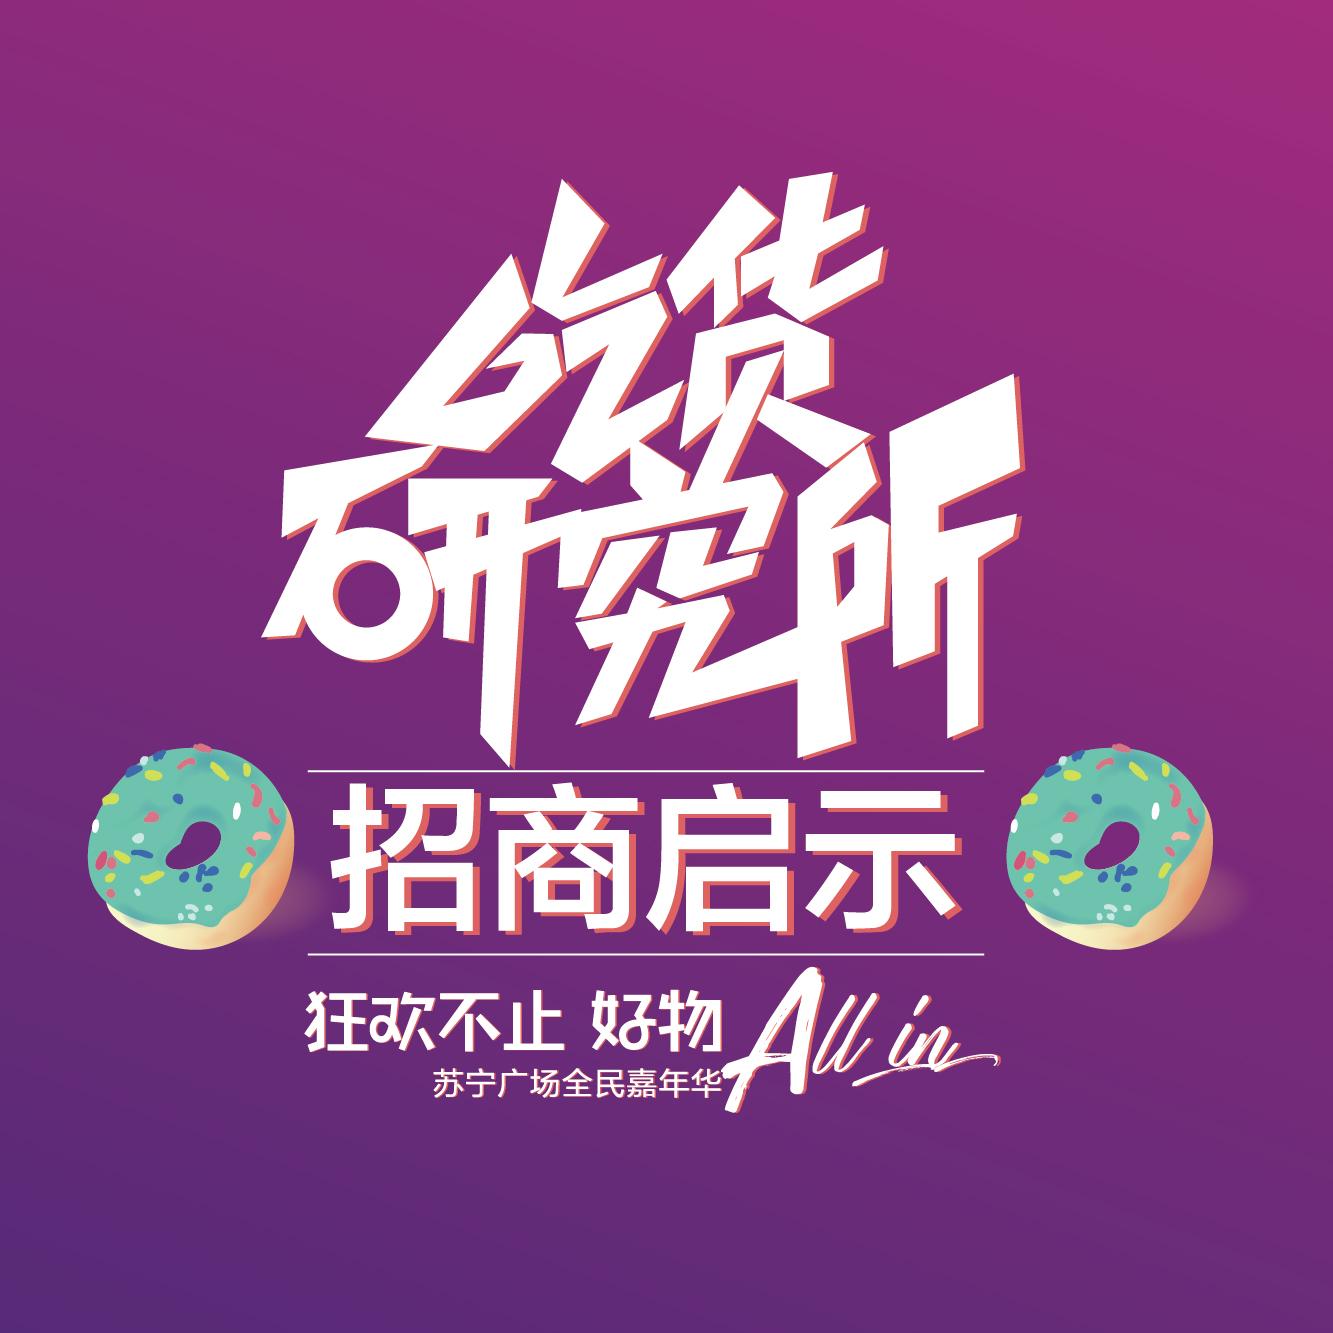 徐州蘇寧廣場  吃貨研究所招商啟示